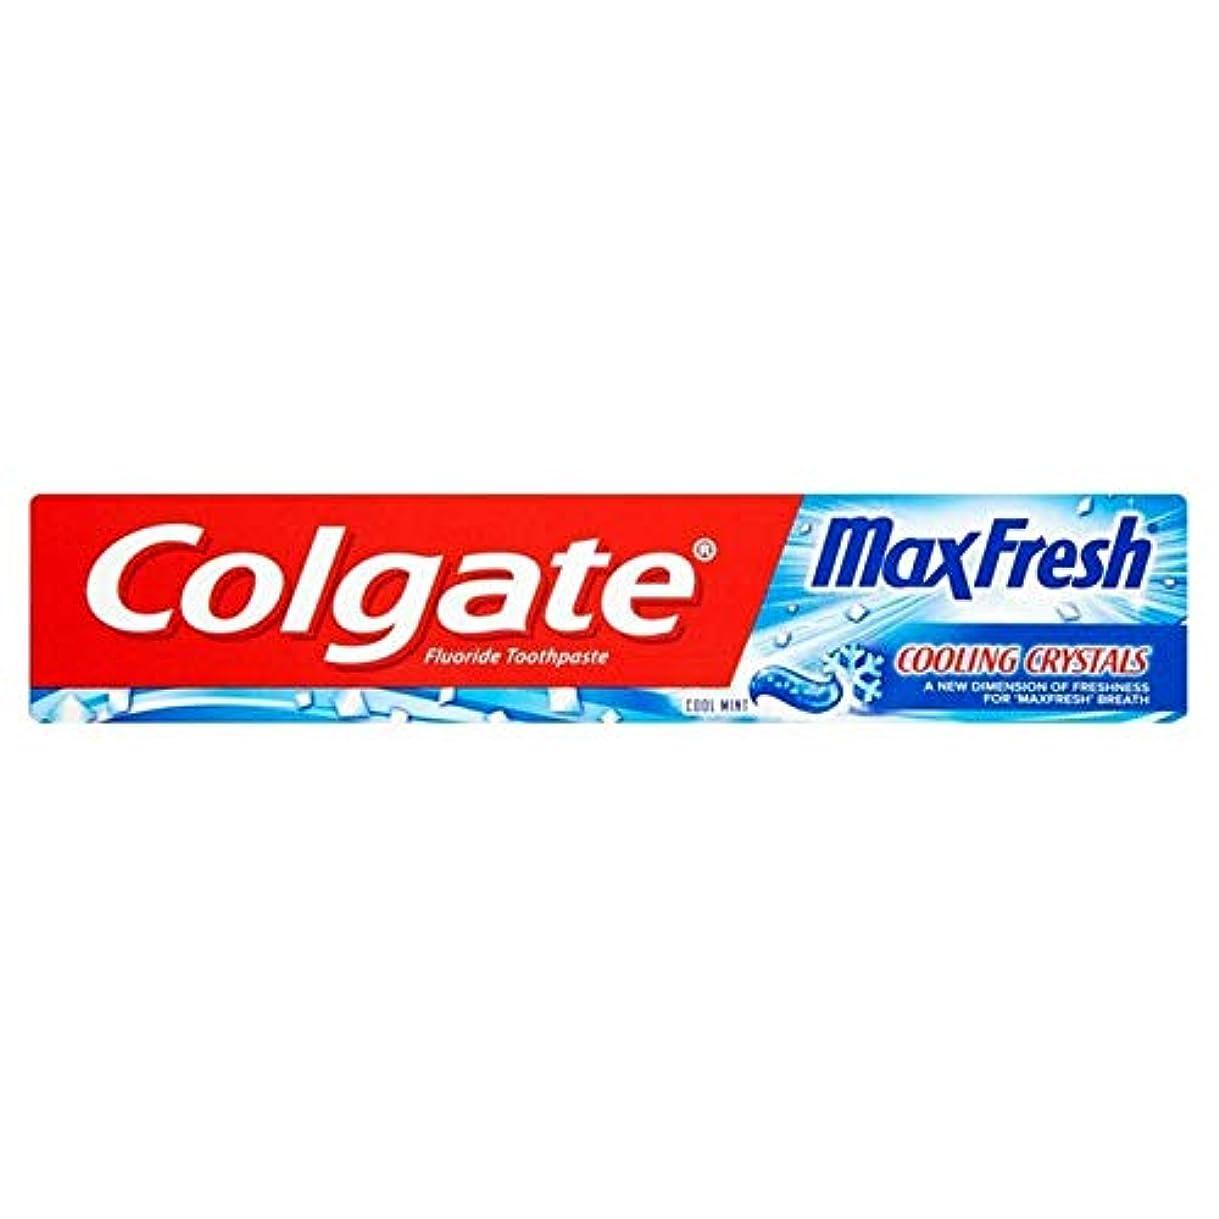 噴火バナープロフェッショナル[Colgate ] 冷却結晶歯磨き粉75ミリリットル新鮮なコルゲートマックス - Colgate Max Fresh with Cooling Crystals Toothpaste 75ml [並行輸入品]